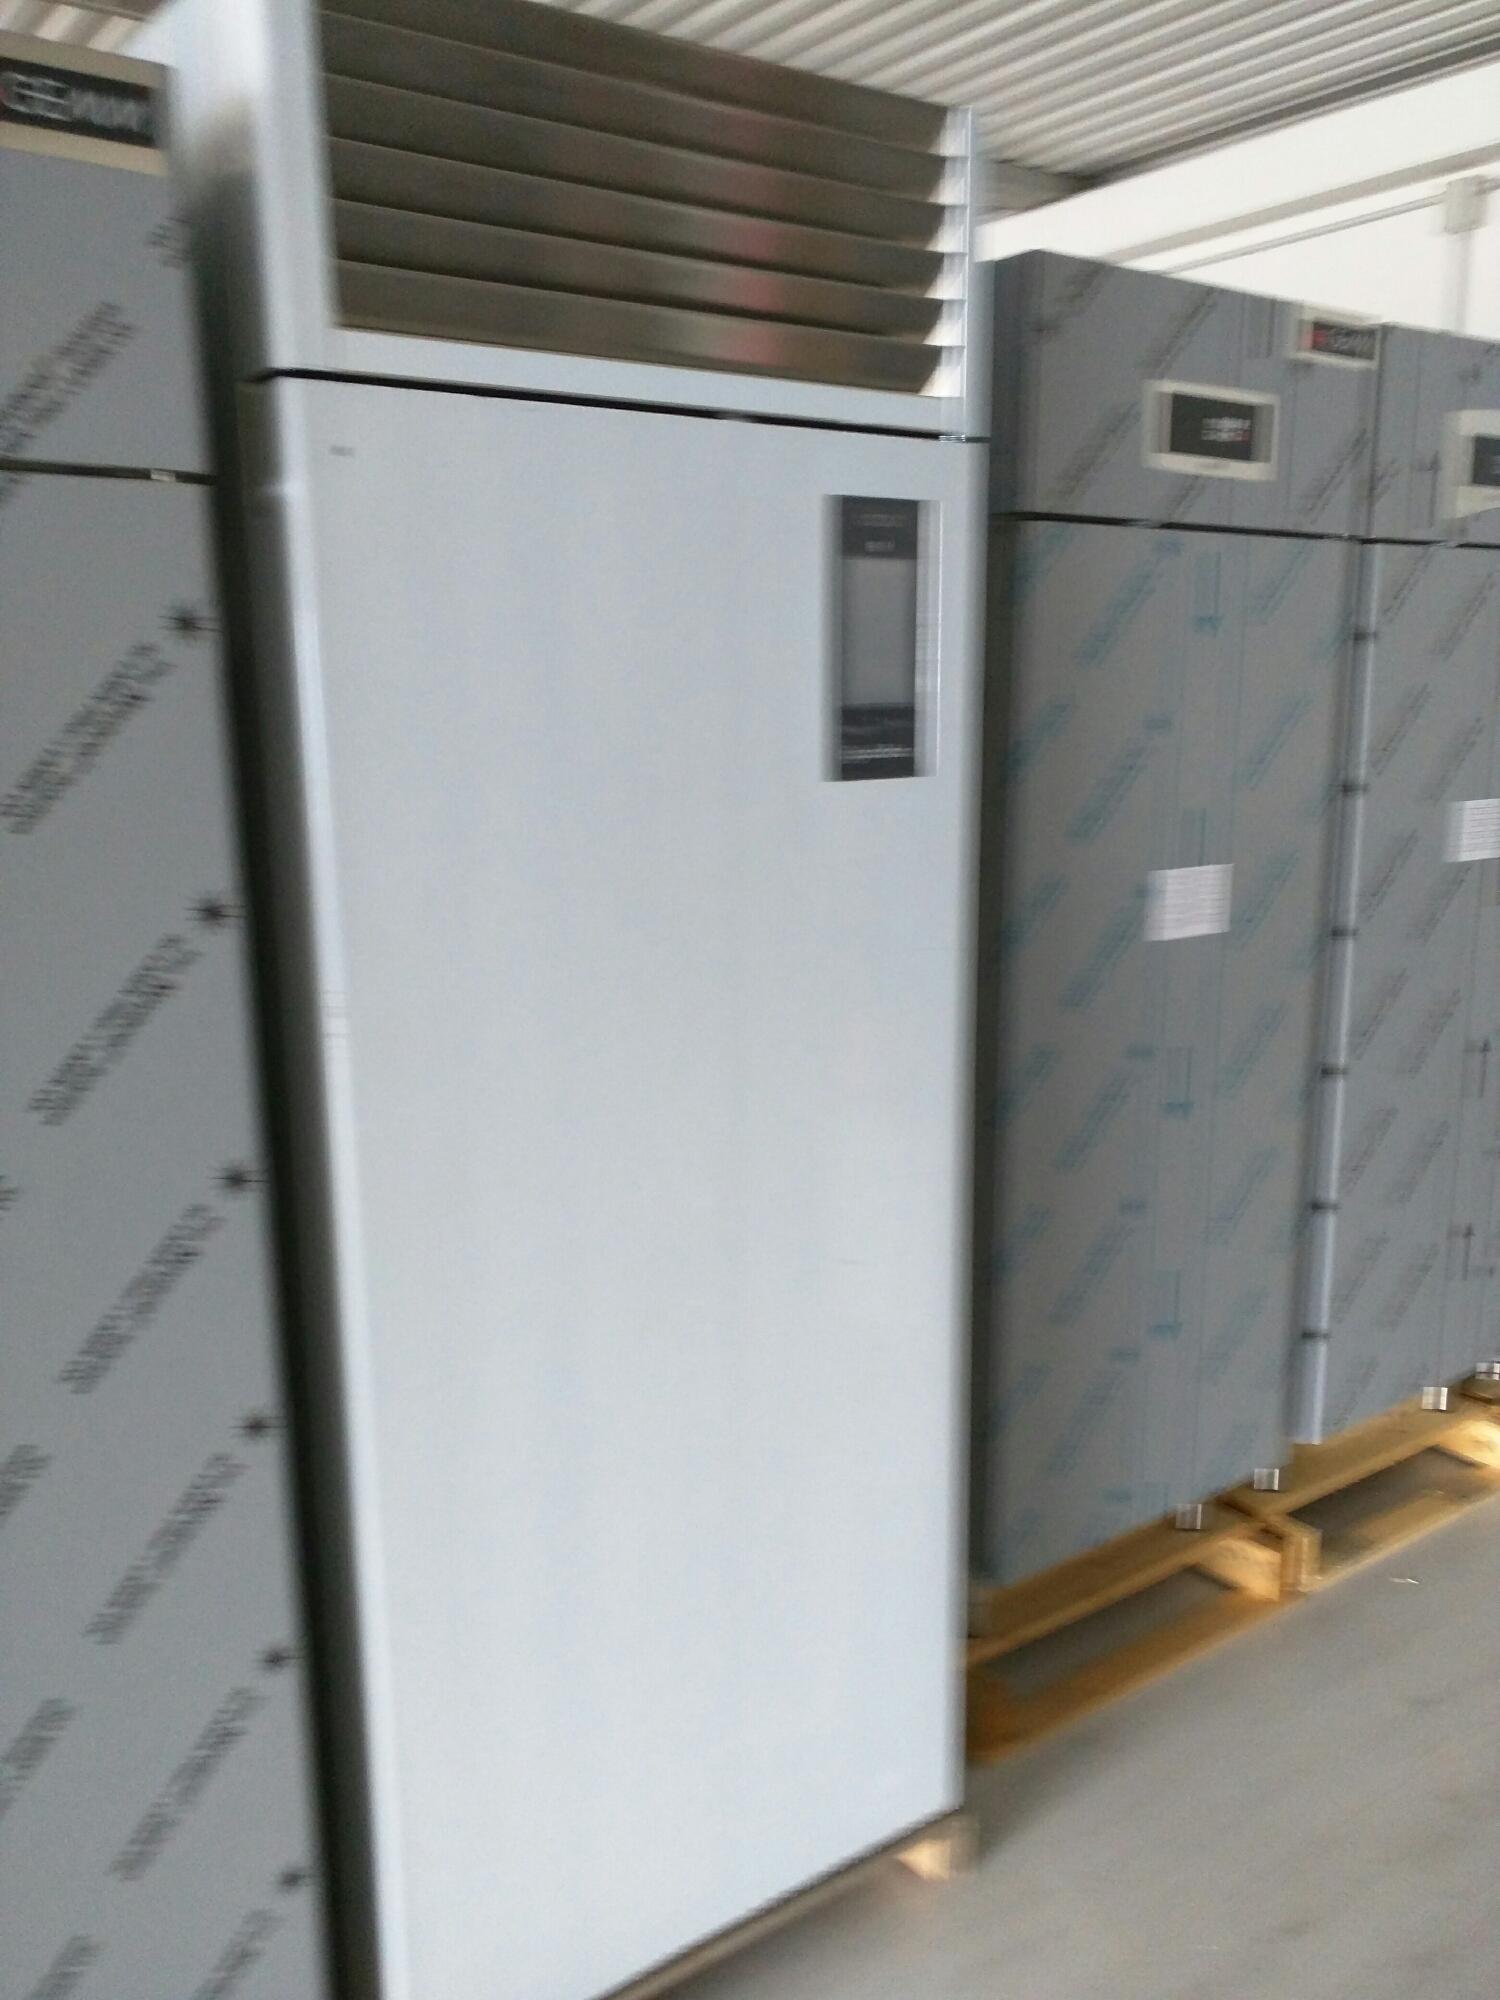 Armadio conservazione touch con multifunzionale fermalievita,aconservatore positivo negativo e controllo umidità